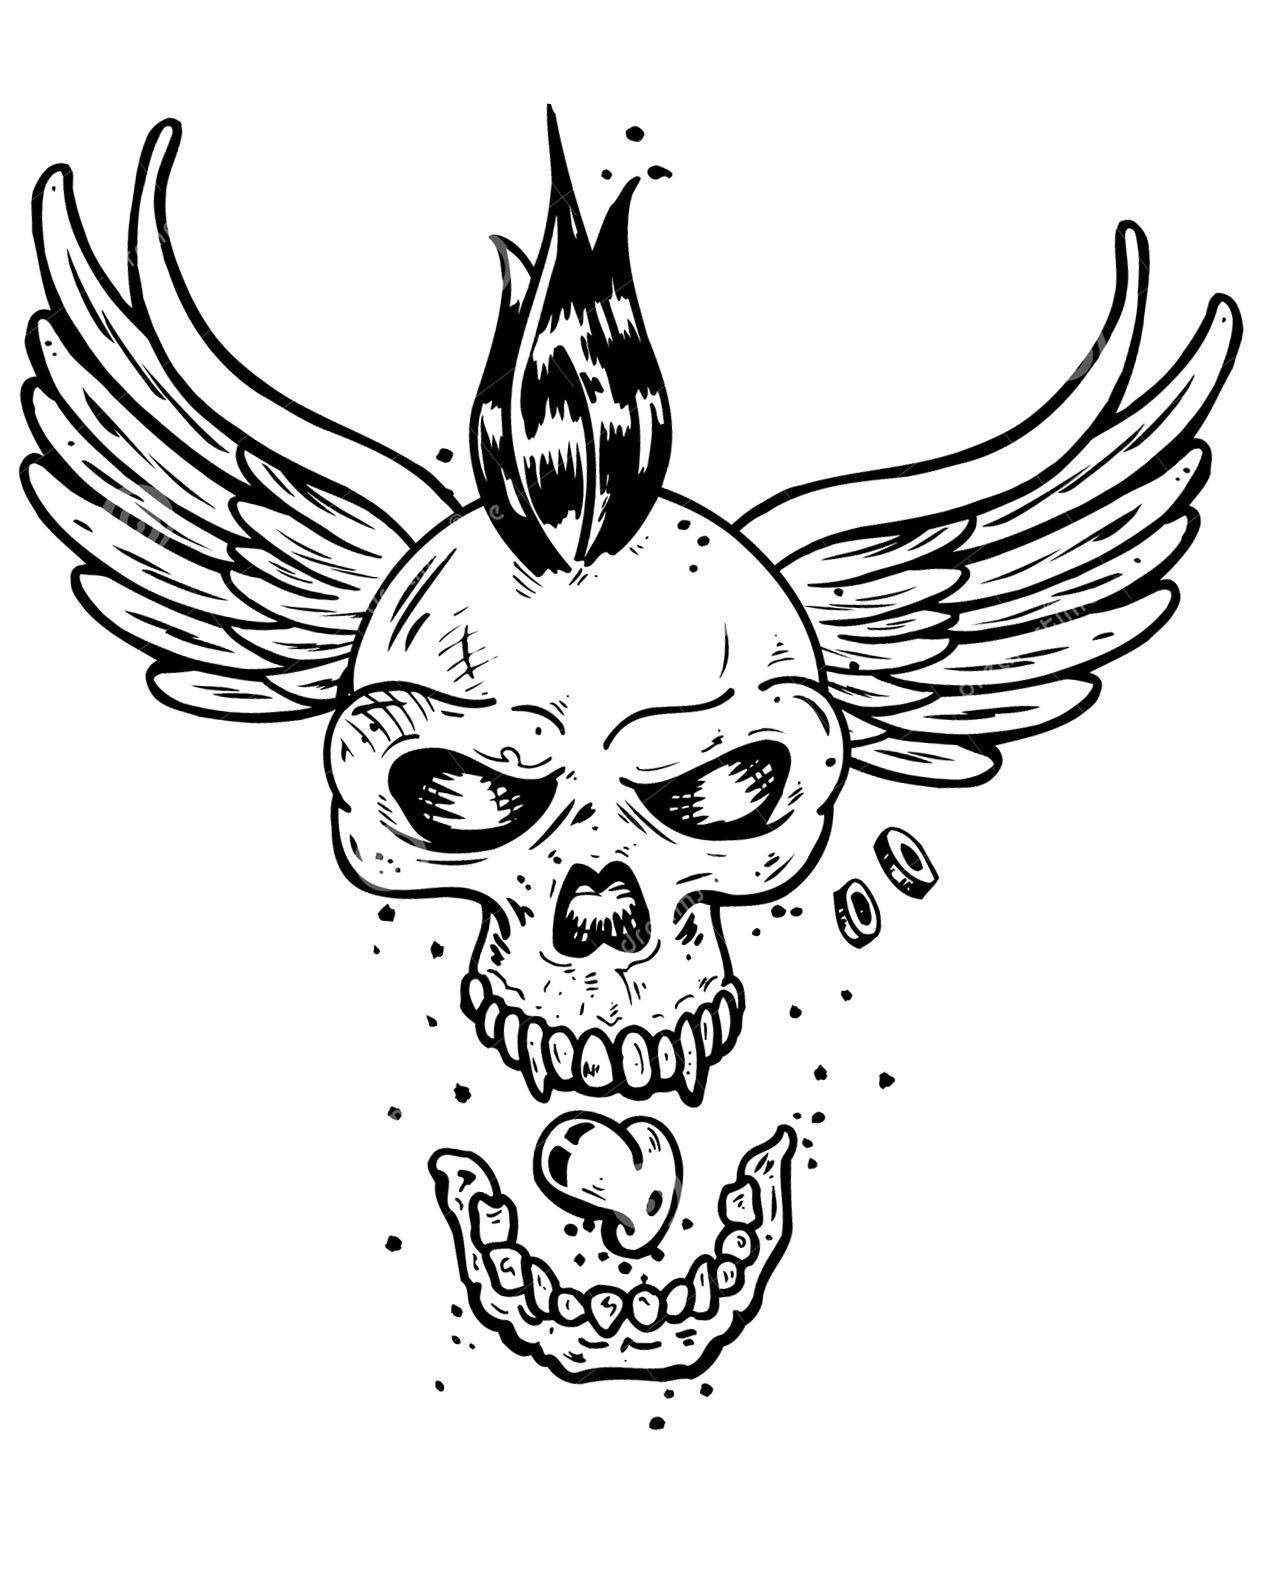 Disegni da colorare per adulti : Tatuaggi - 9